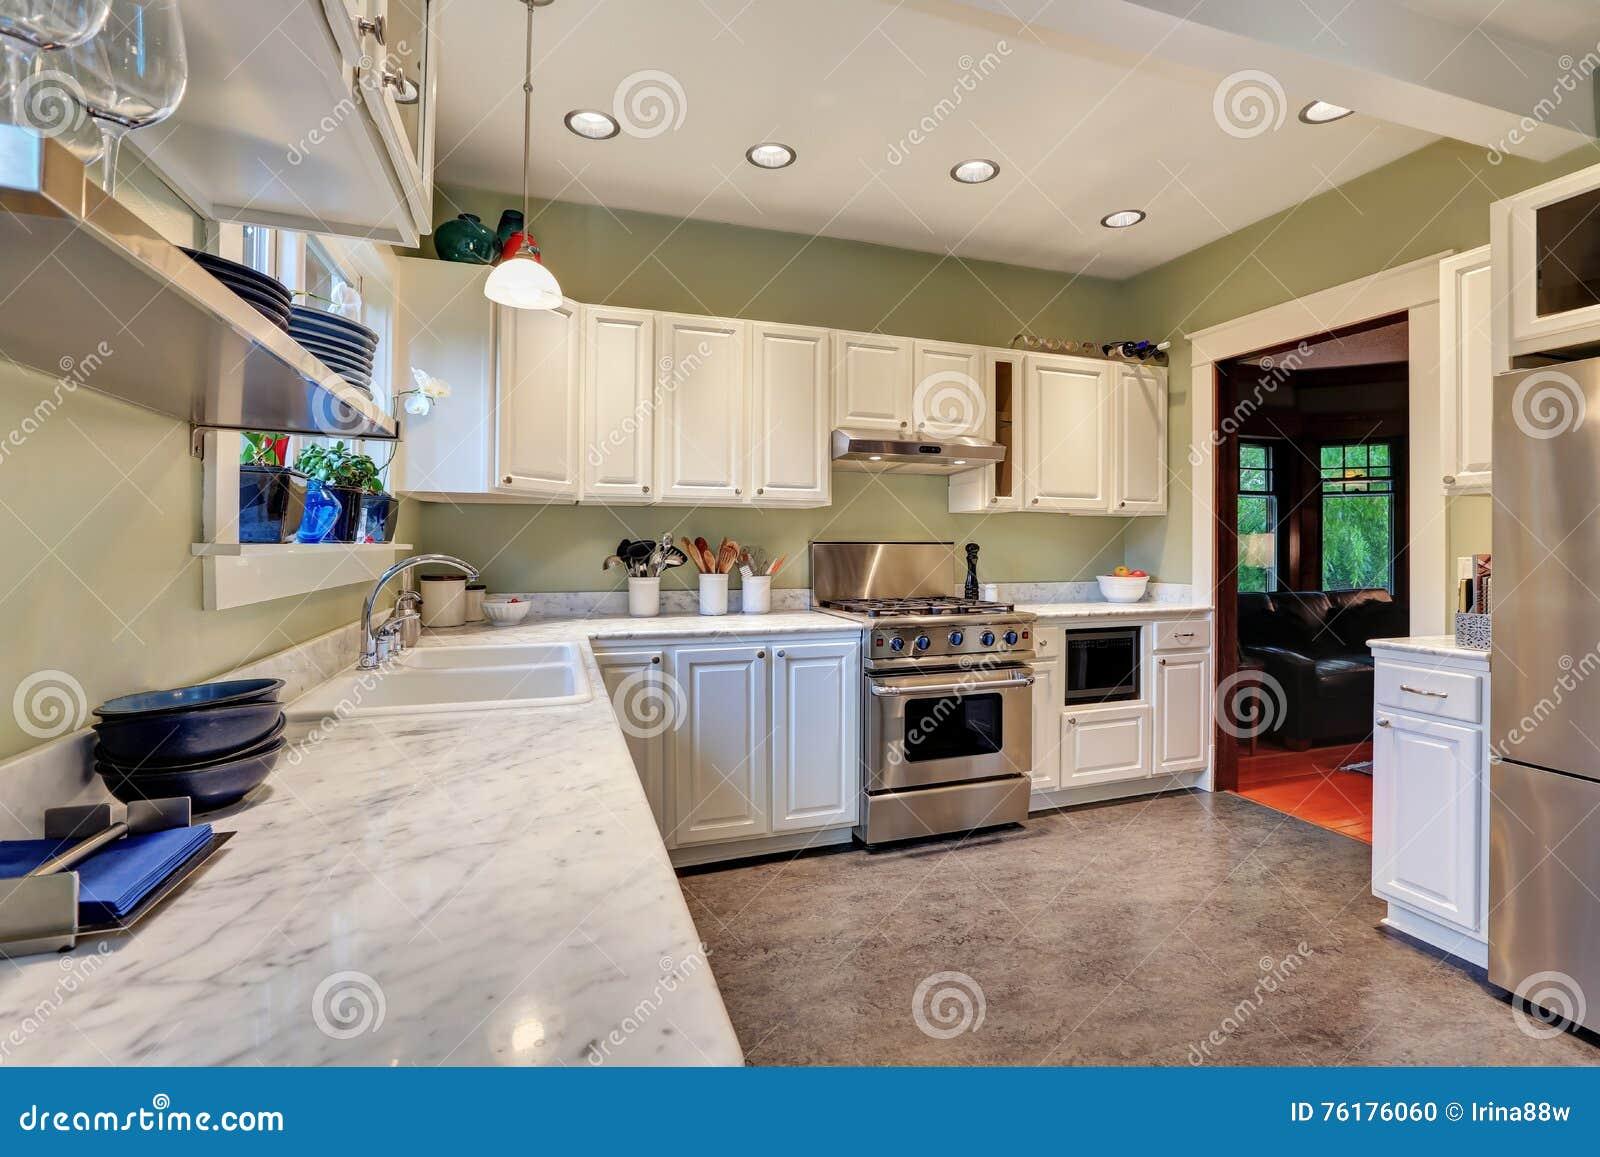 Plan De Cuisine En Marbre intérieur lumineux de cuisine avec le plan de travail de